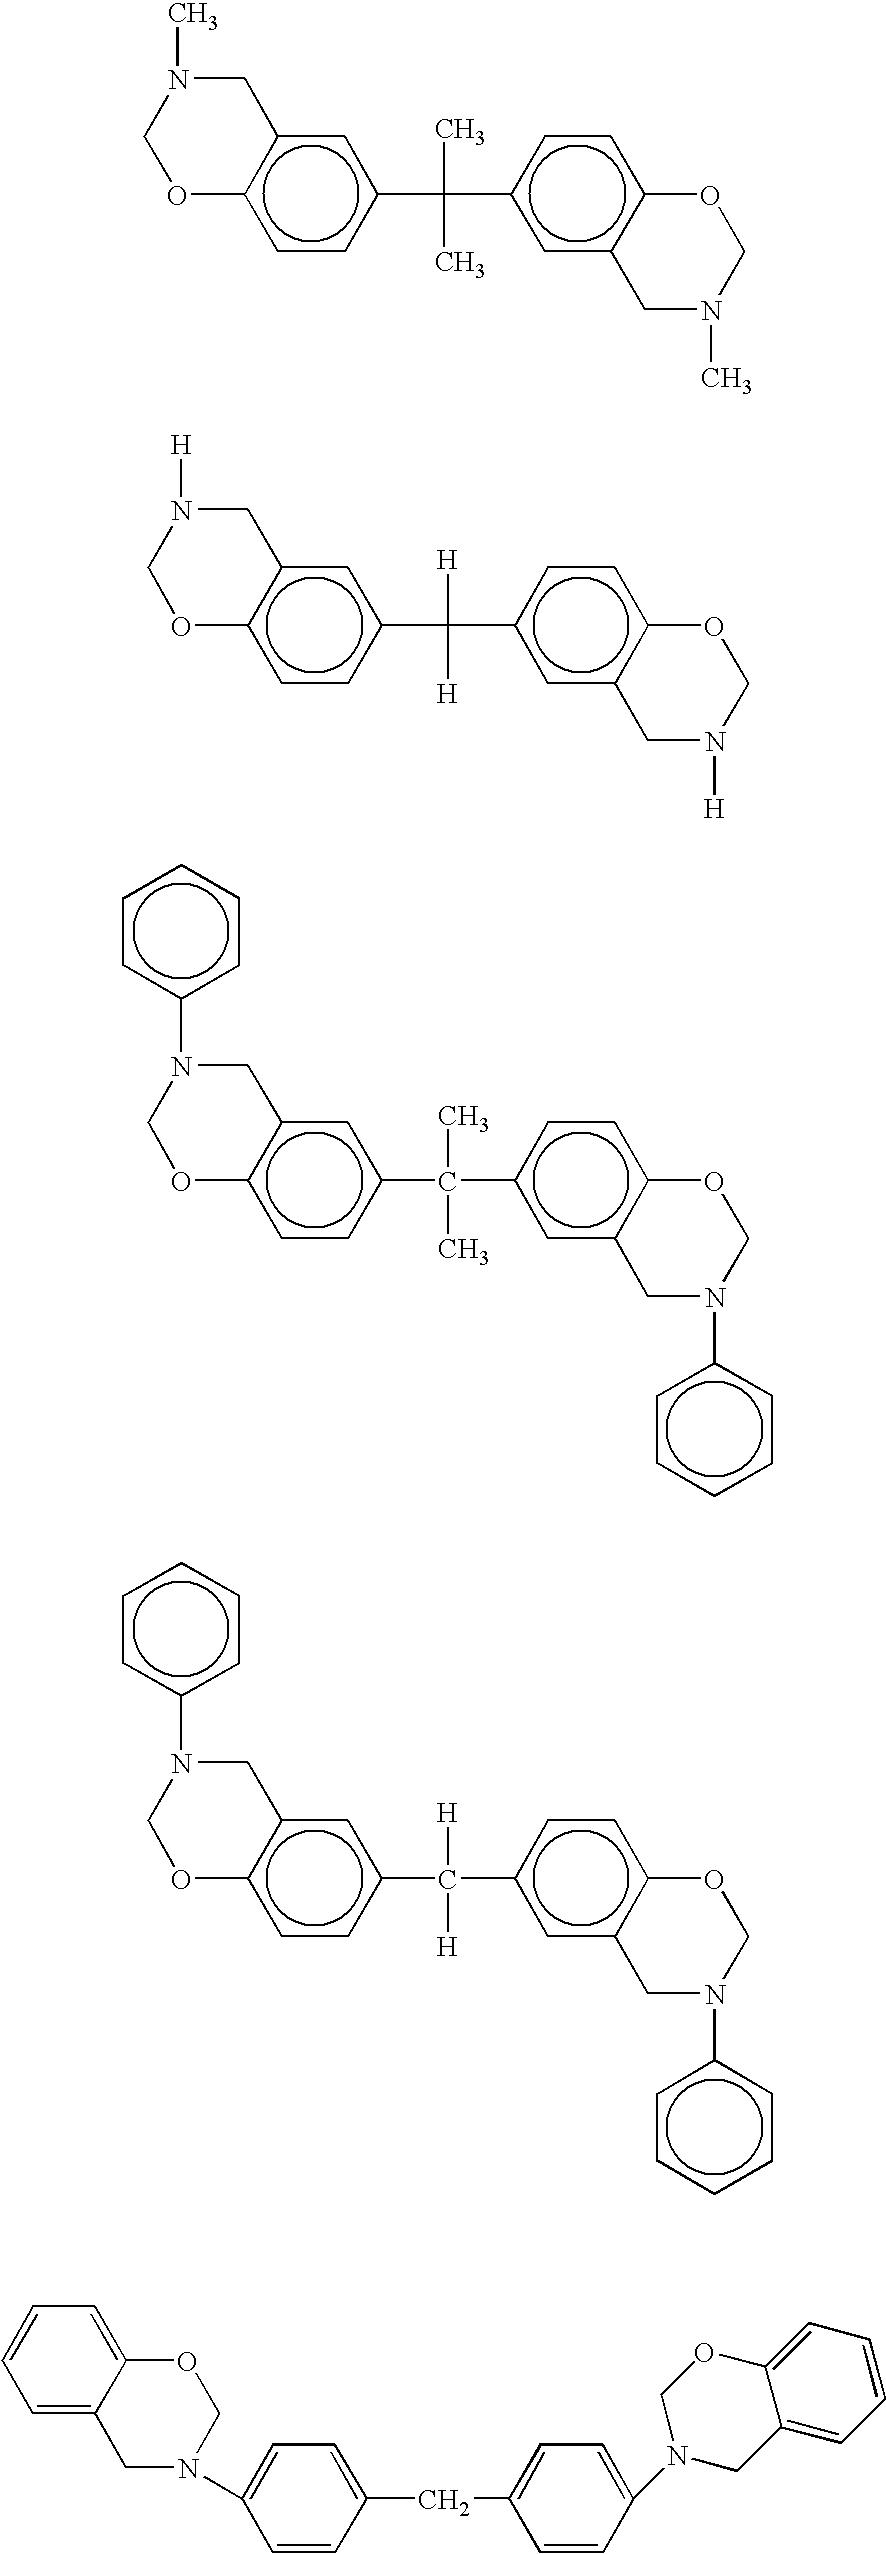 Figure US20060240261A1-20061026-C00018